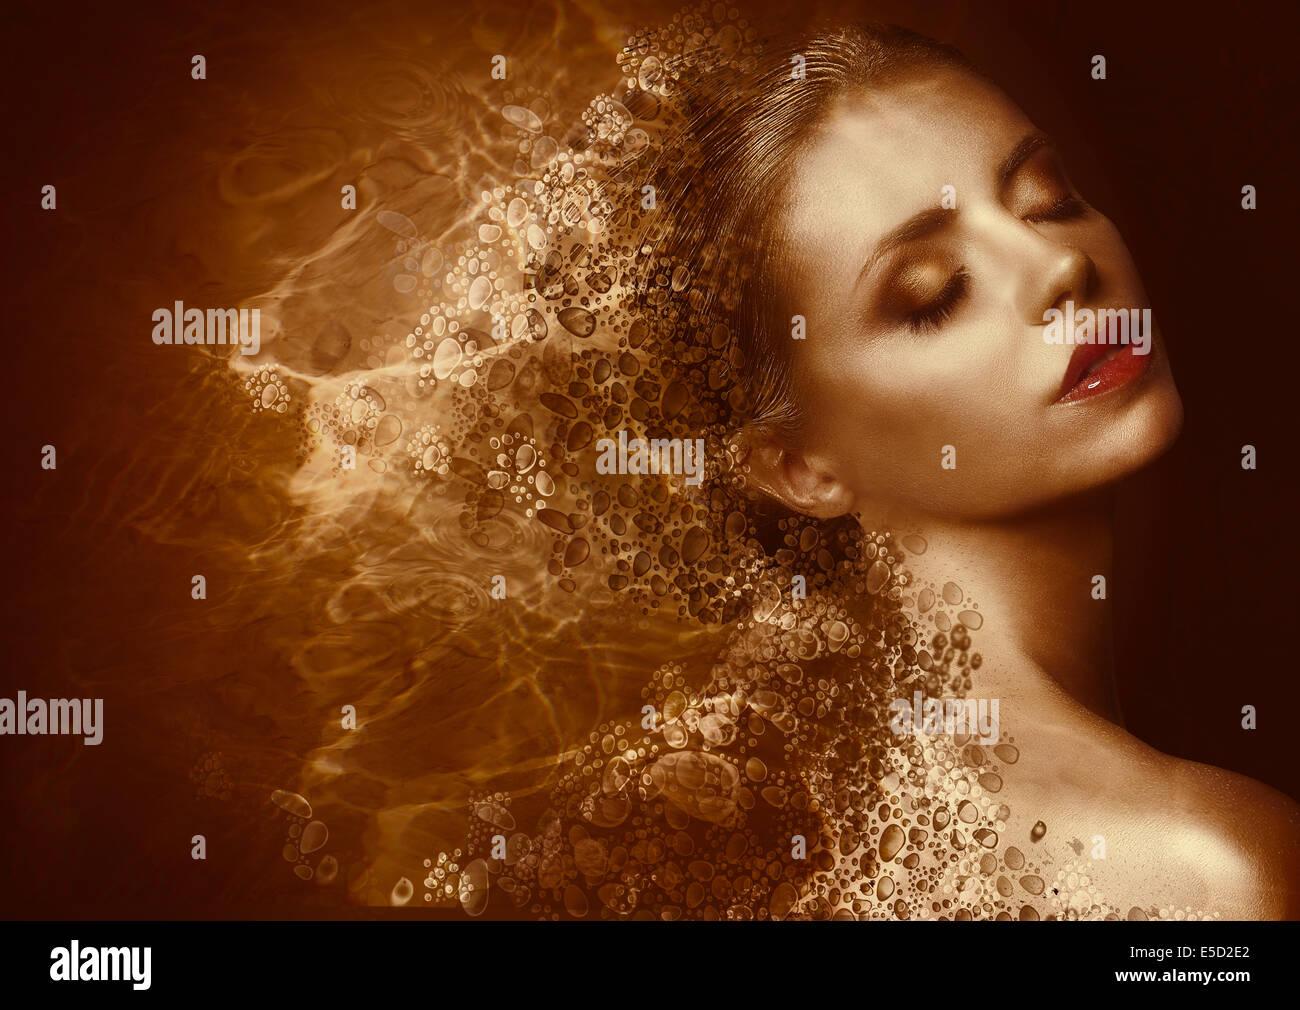 Salpicaduras de oro. Mujer futurista con bronceados pintados de piel. Fantasy Imagen De Stock